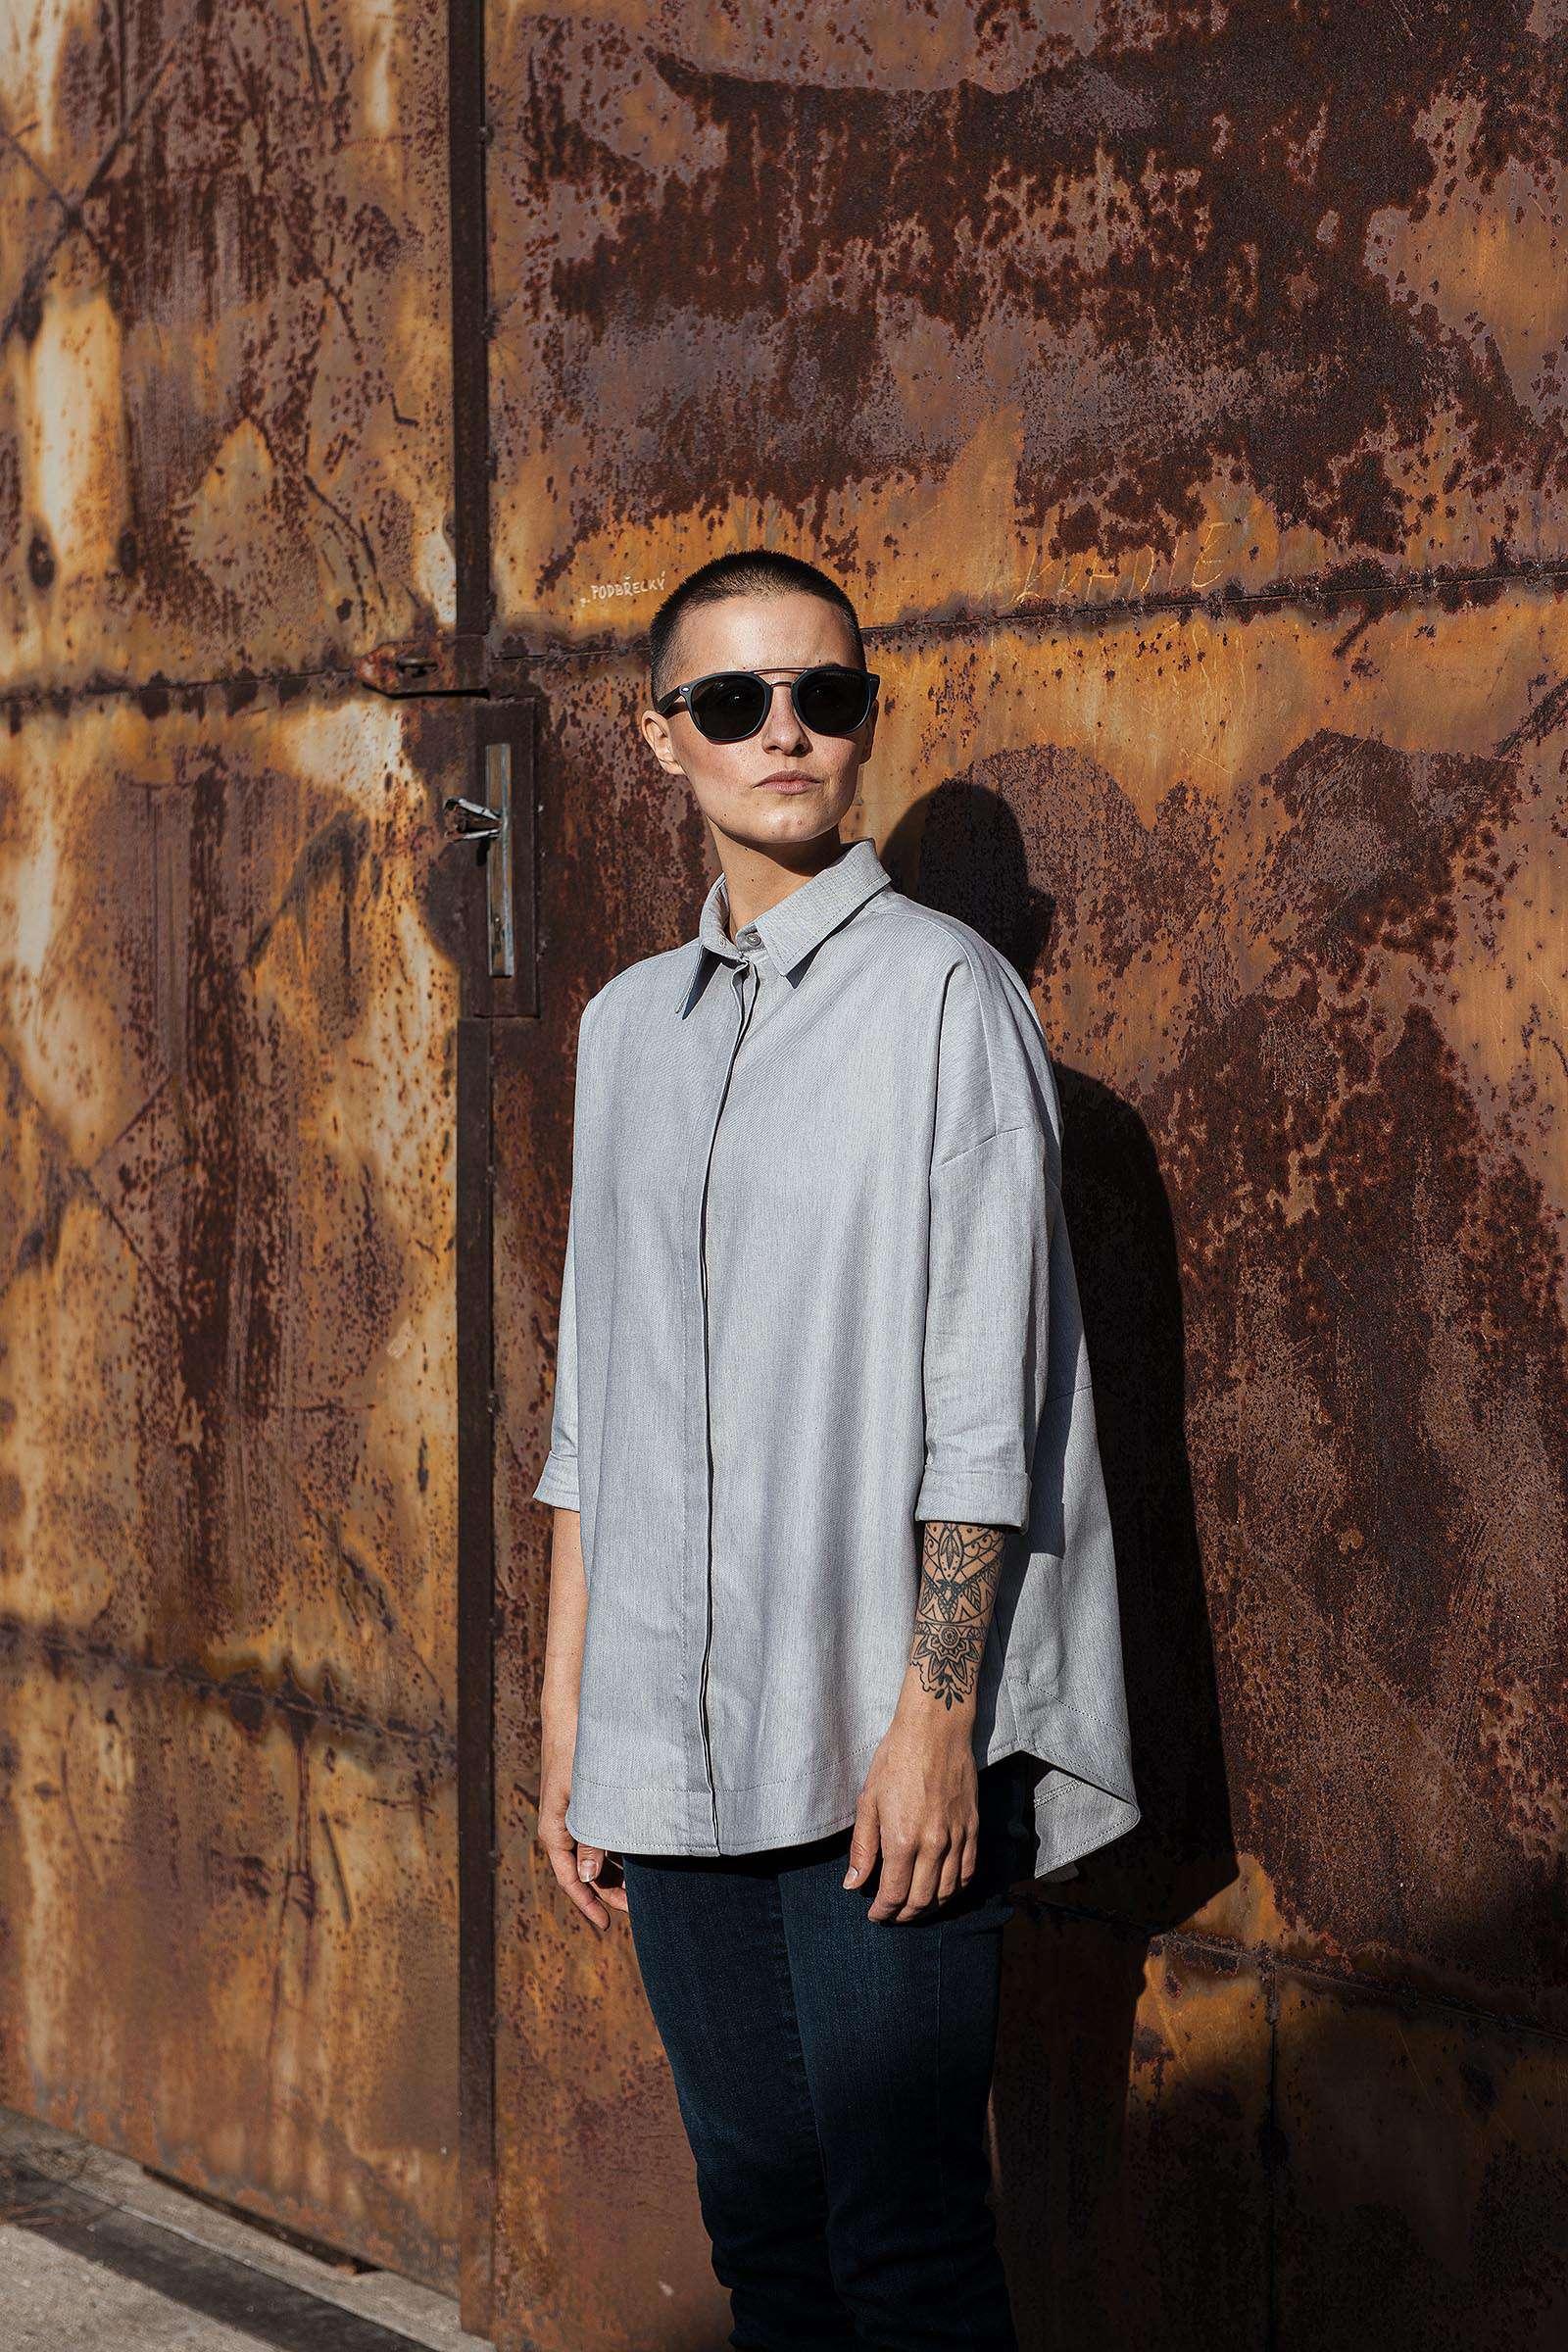 Dámské trička a košile Greta šedá